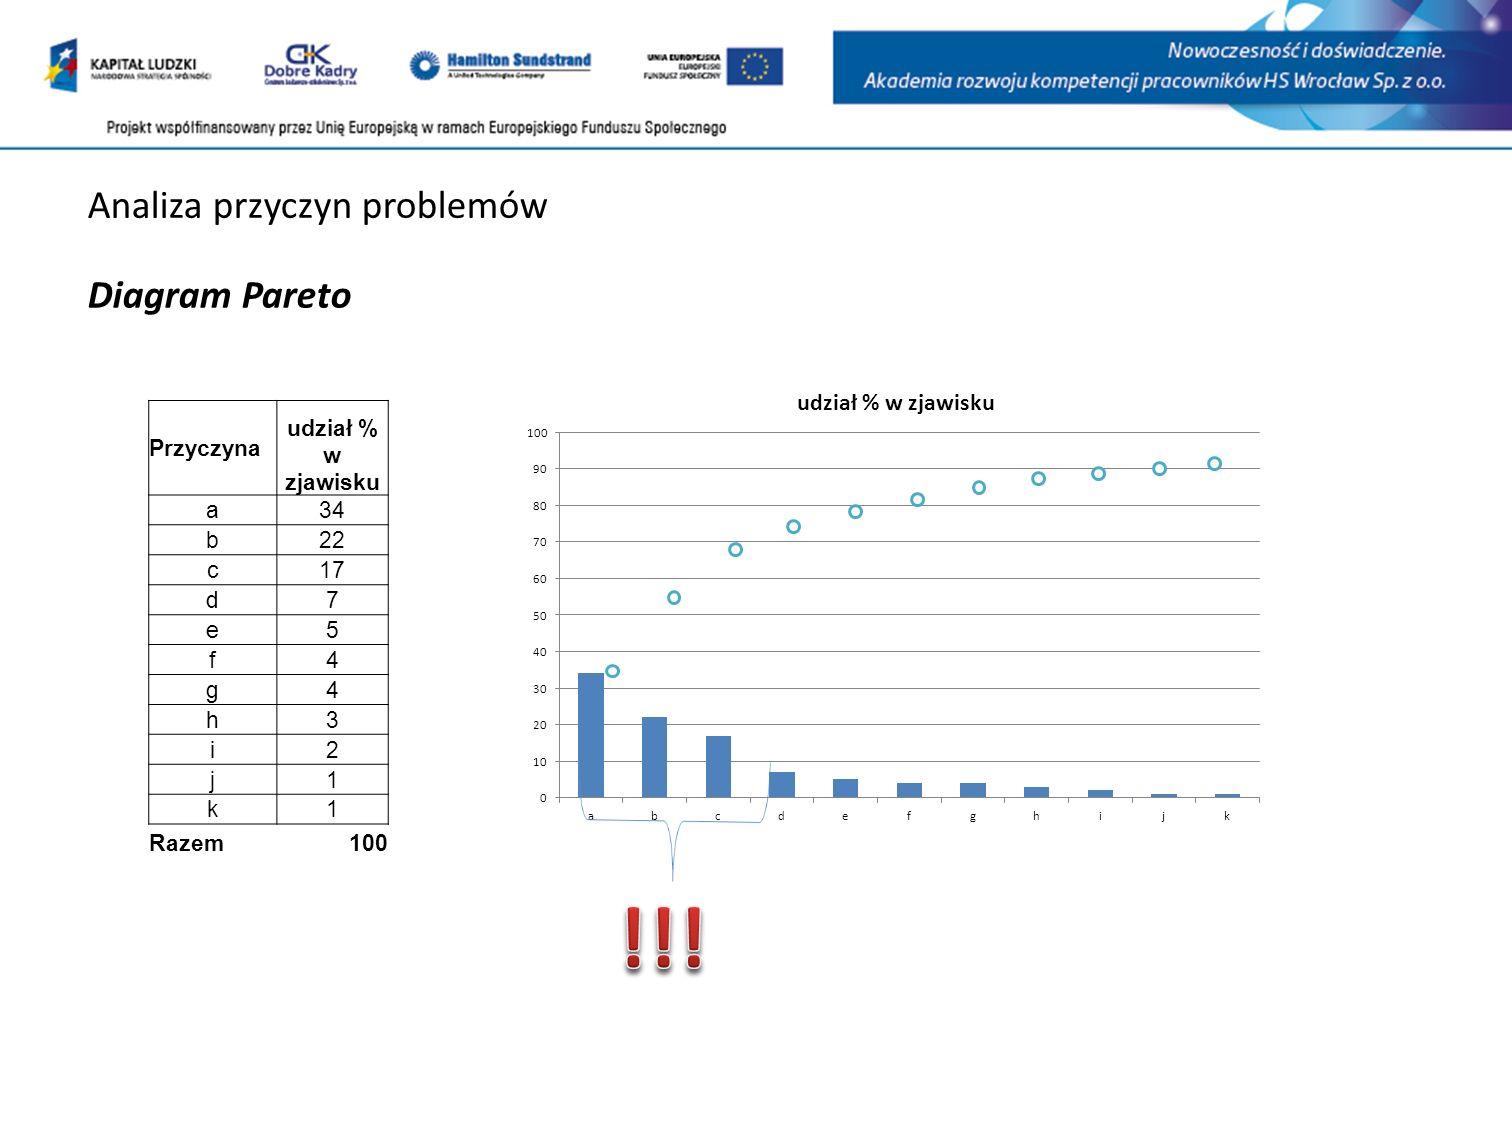 Analiza przyczyn problemów Diagram Pareto Przyczyna udział % w zjawisku a34 b22 c17 d7 e5 f4 g4 h3 i2 j1 k1 Razem100